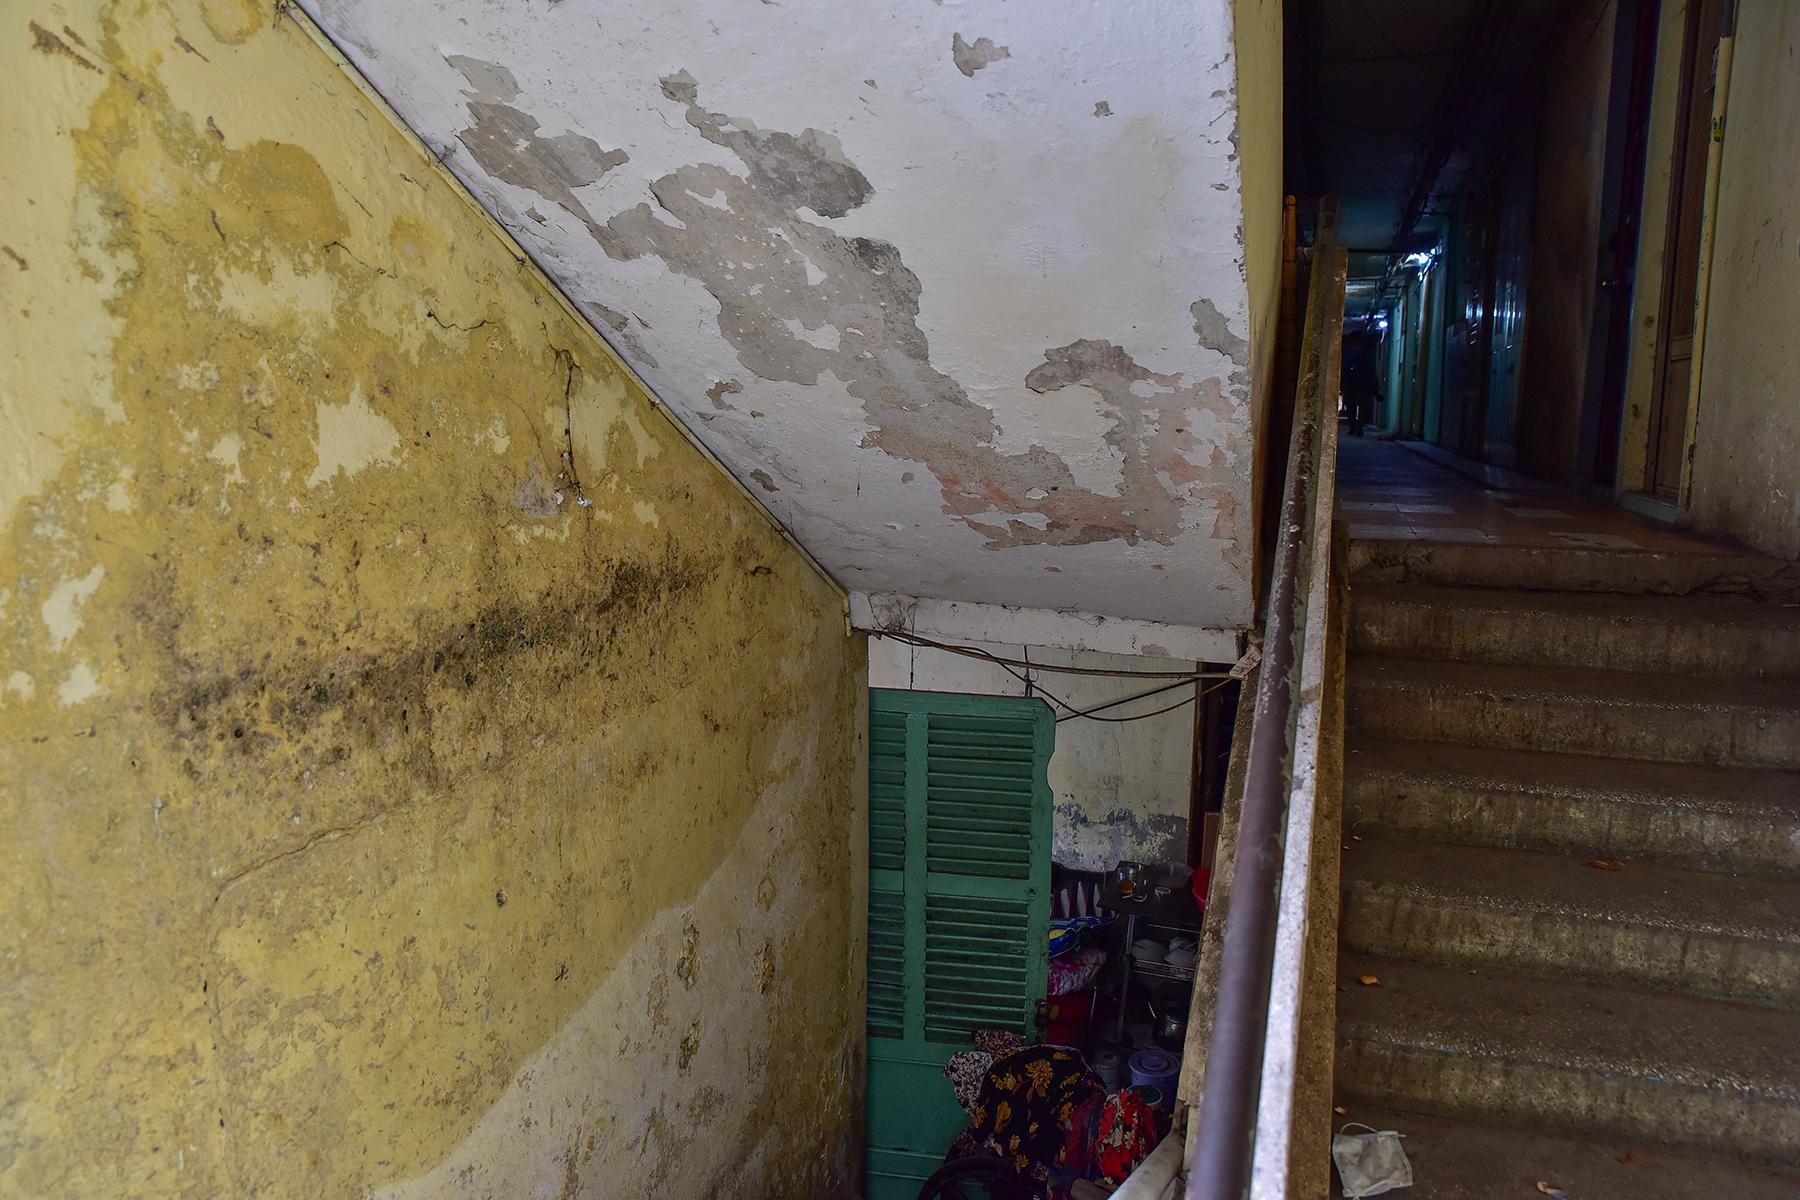 Ảnh: Khu nhà ở từng lớn nhất miền Nam xuống cấp sau gần nửa thế kỷ sử dụng - hình ảnh 13